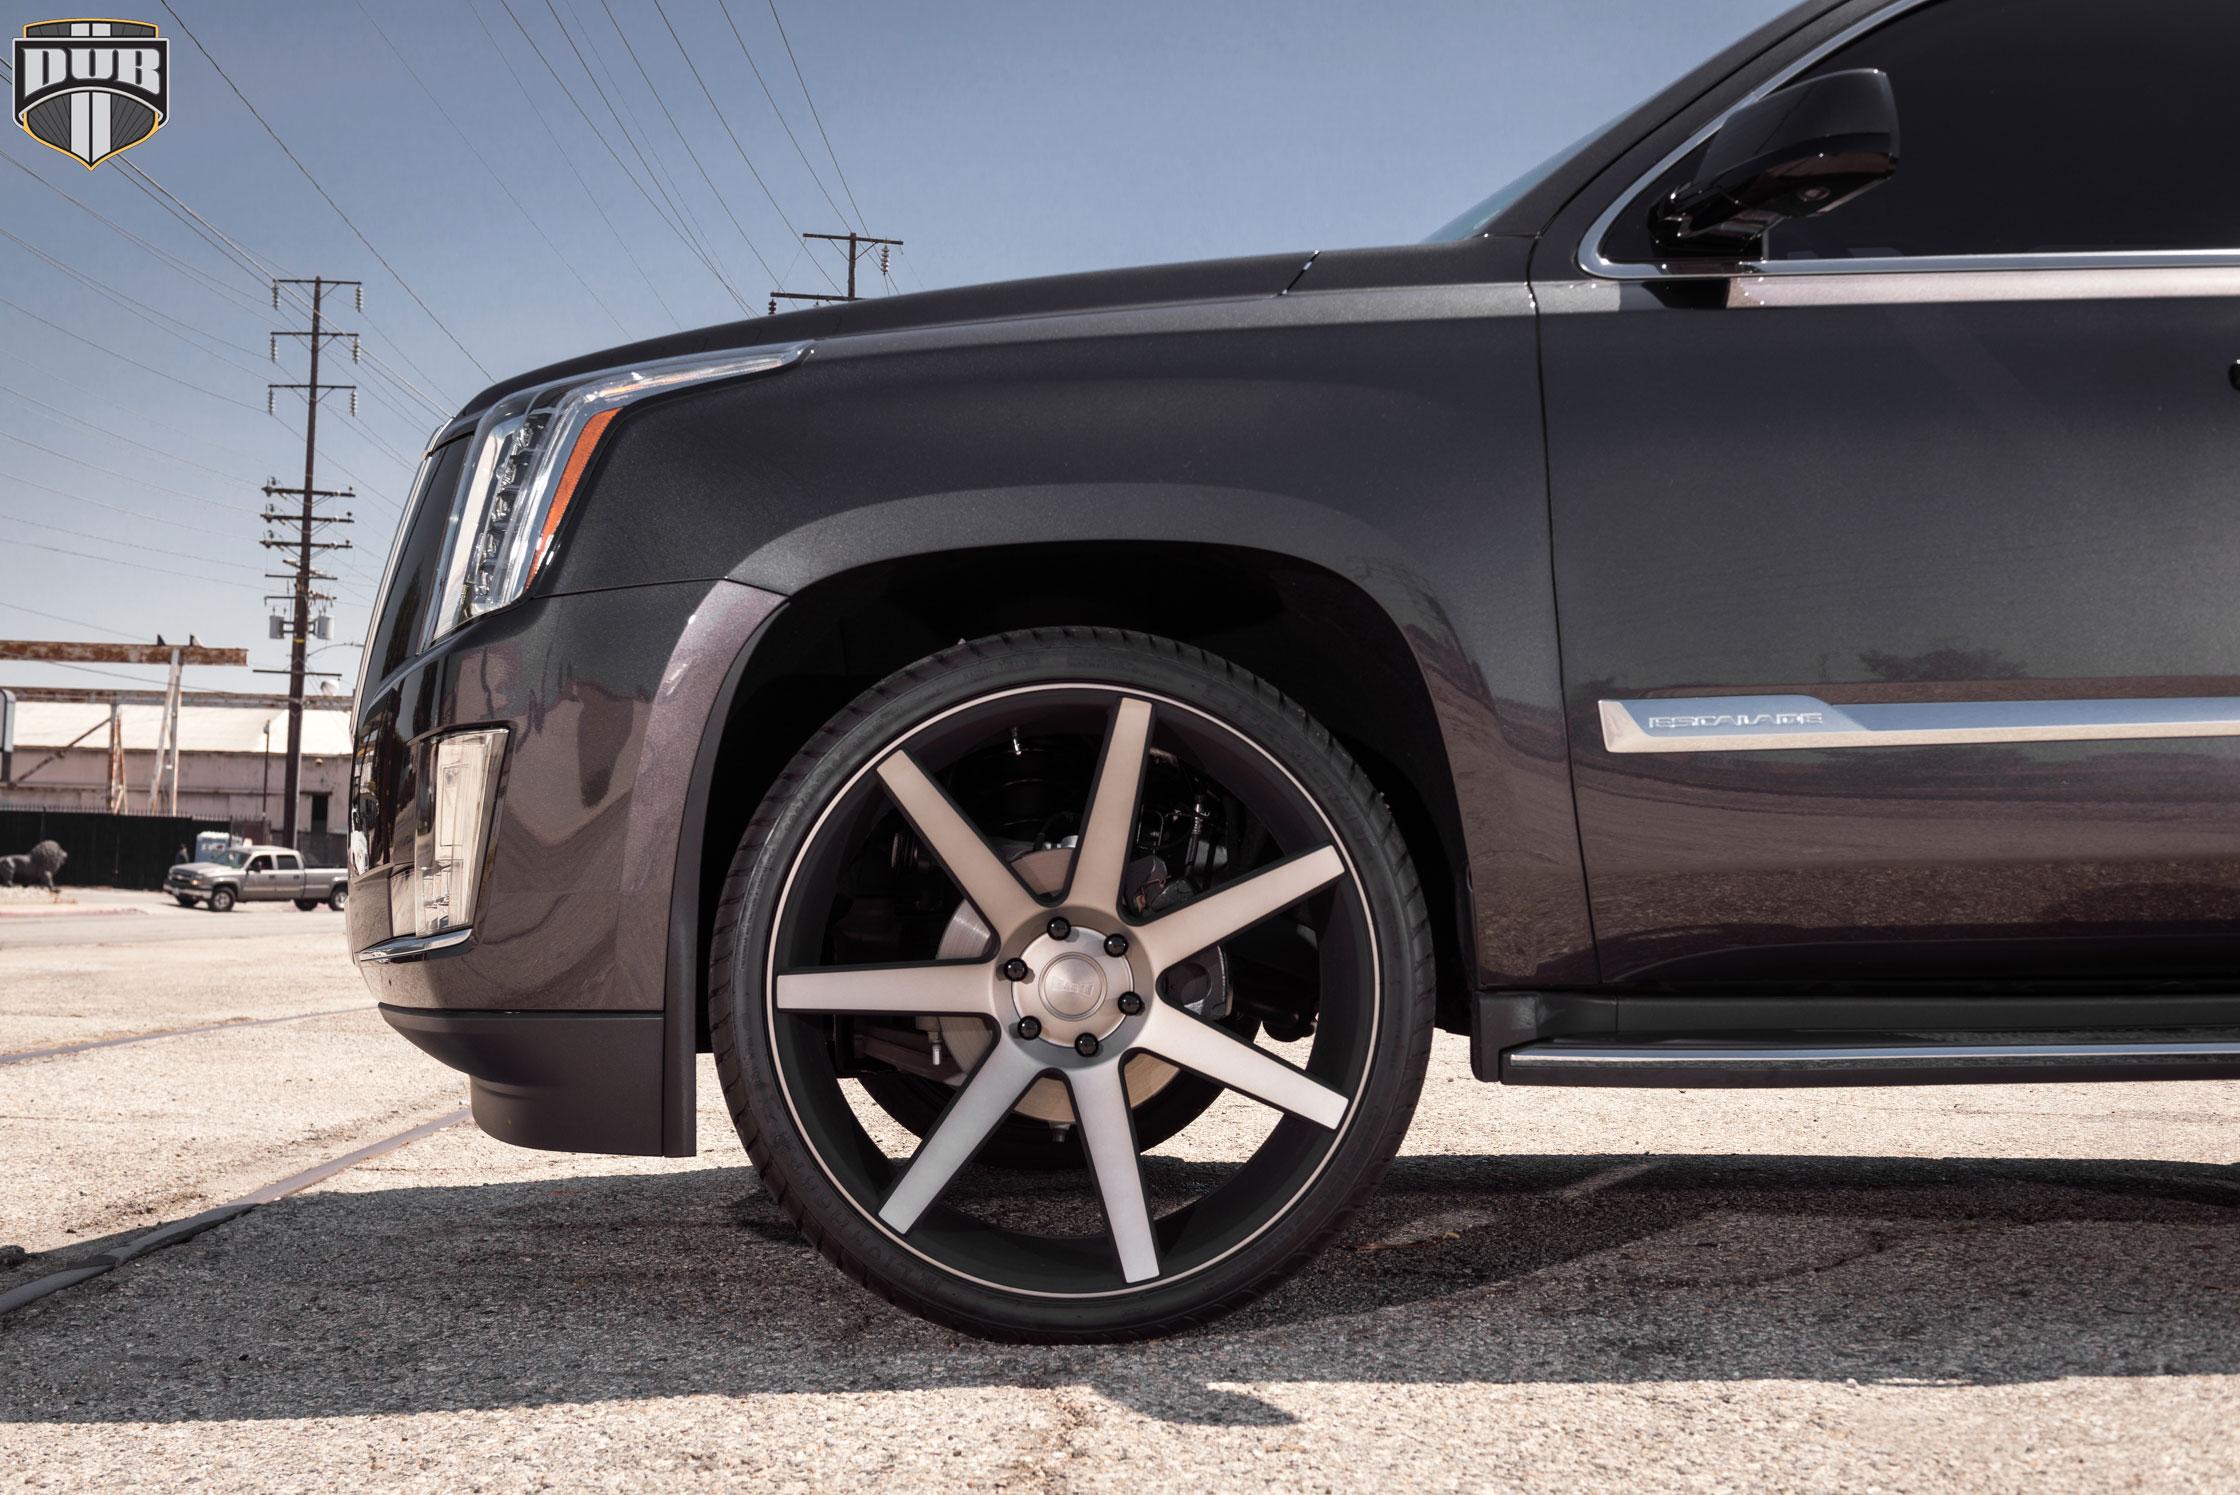 Cadillac Escalade Future - S127 Gallery - MHT Wheels Inc.